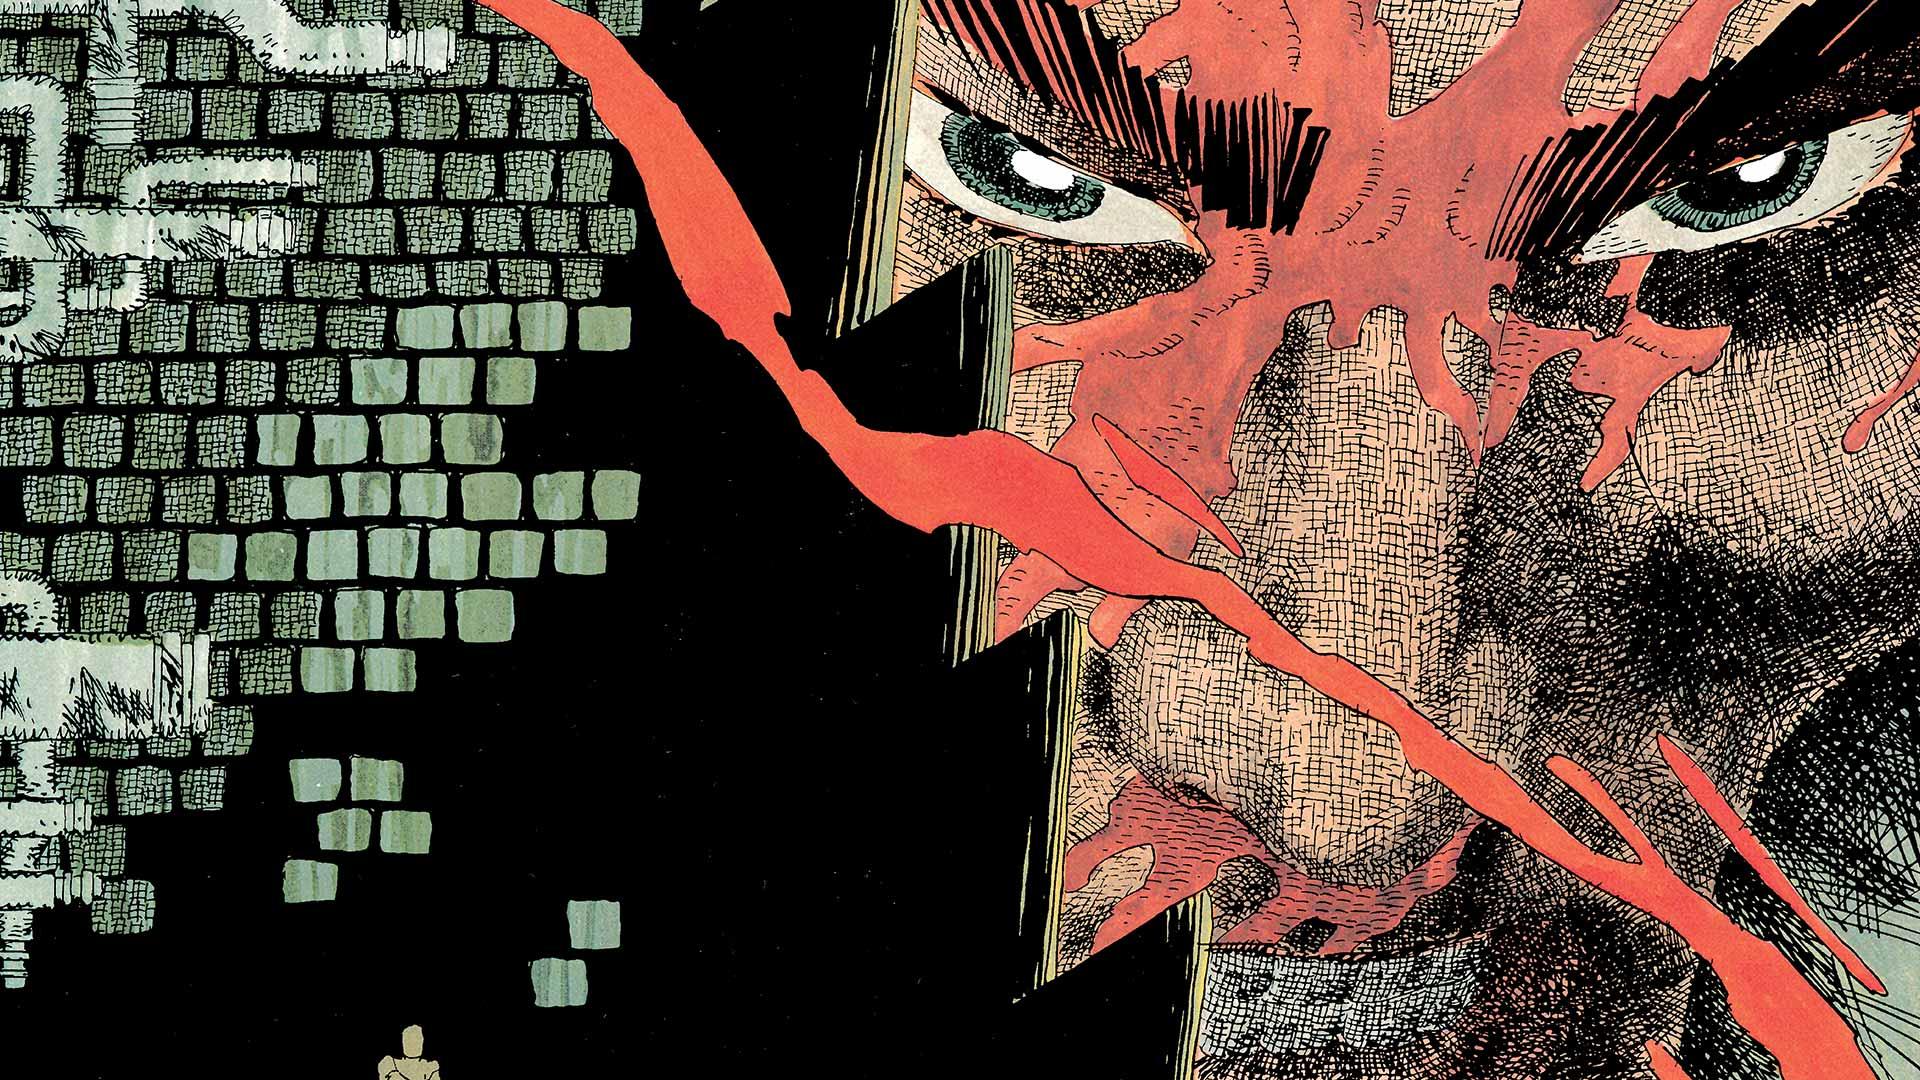 Consigli di lettura: hai mai sentito parlare di graphic novel?